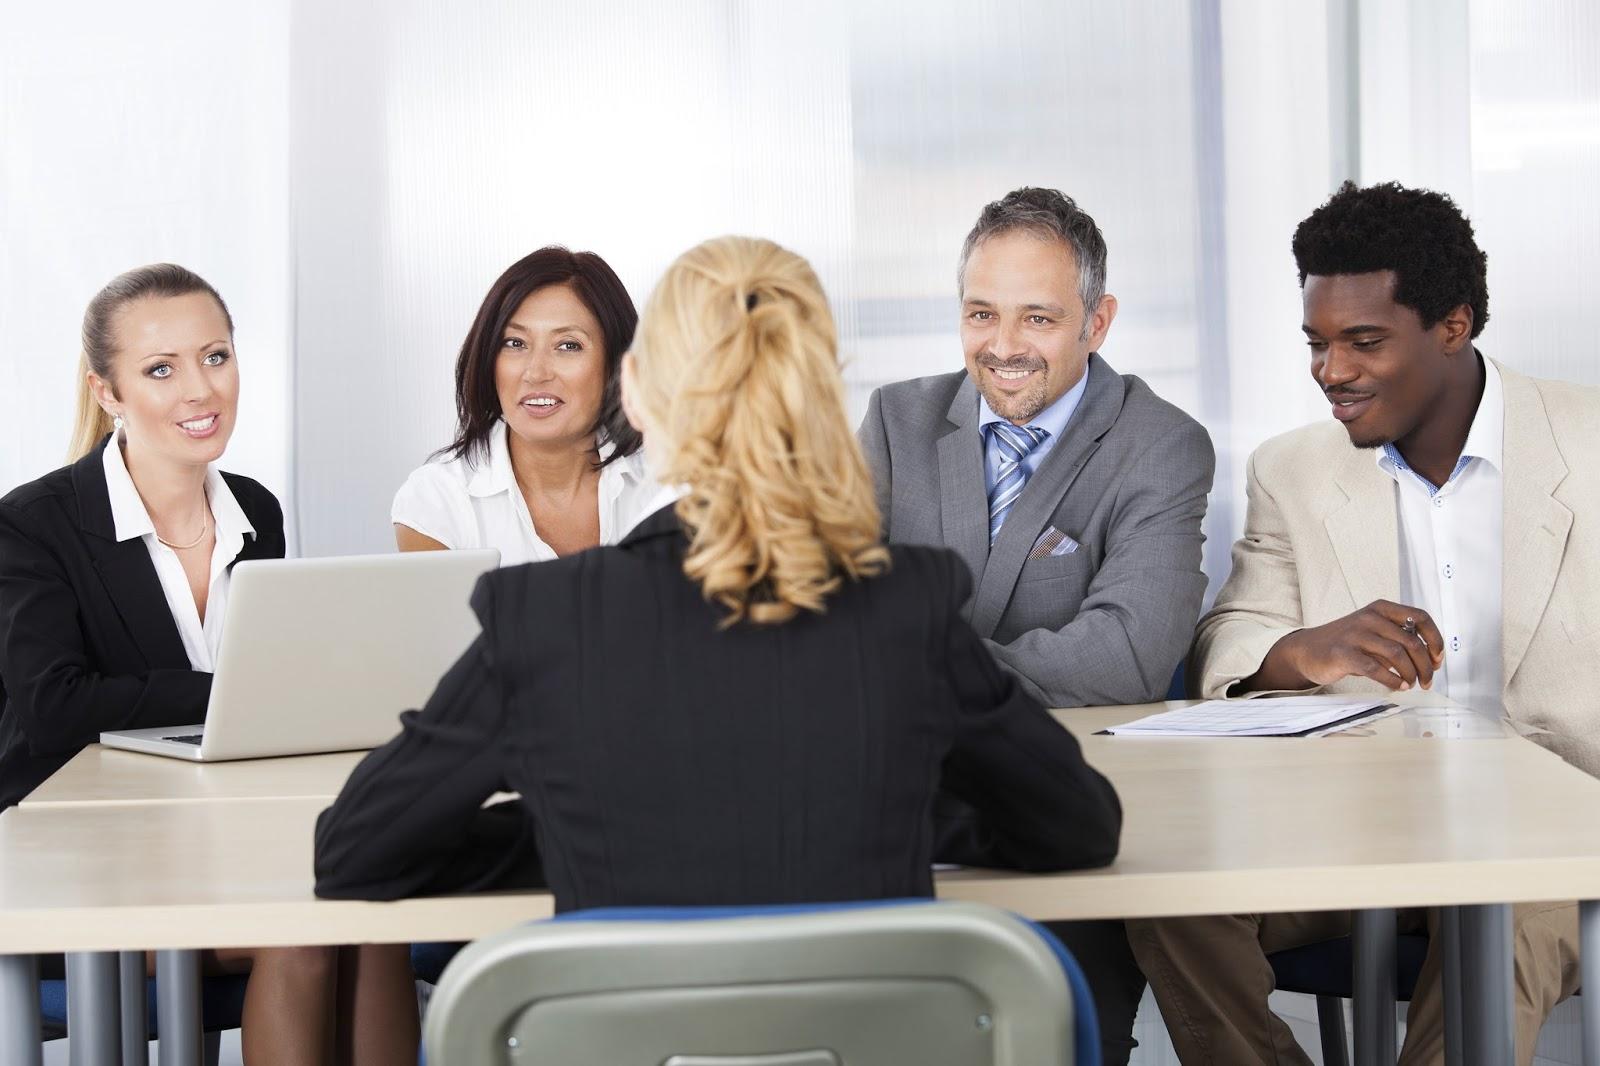 toptin247.com - Những trở ngại trong quá trình lựa chọn việc làm